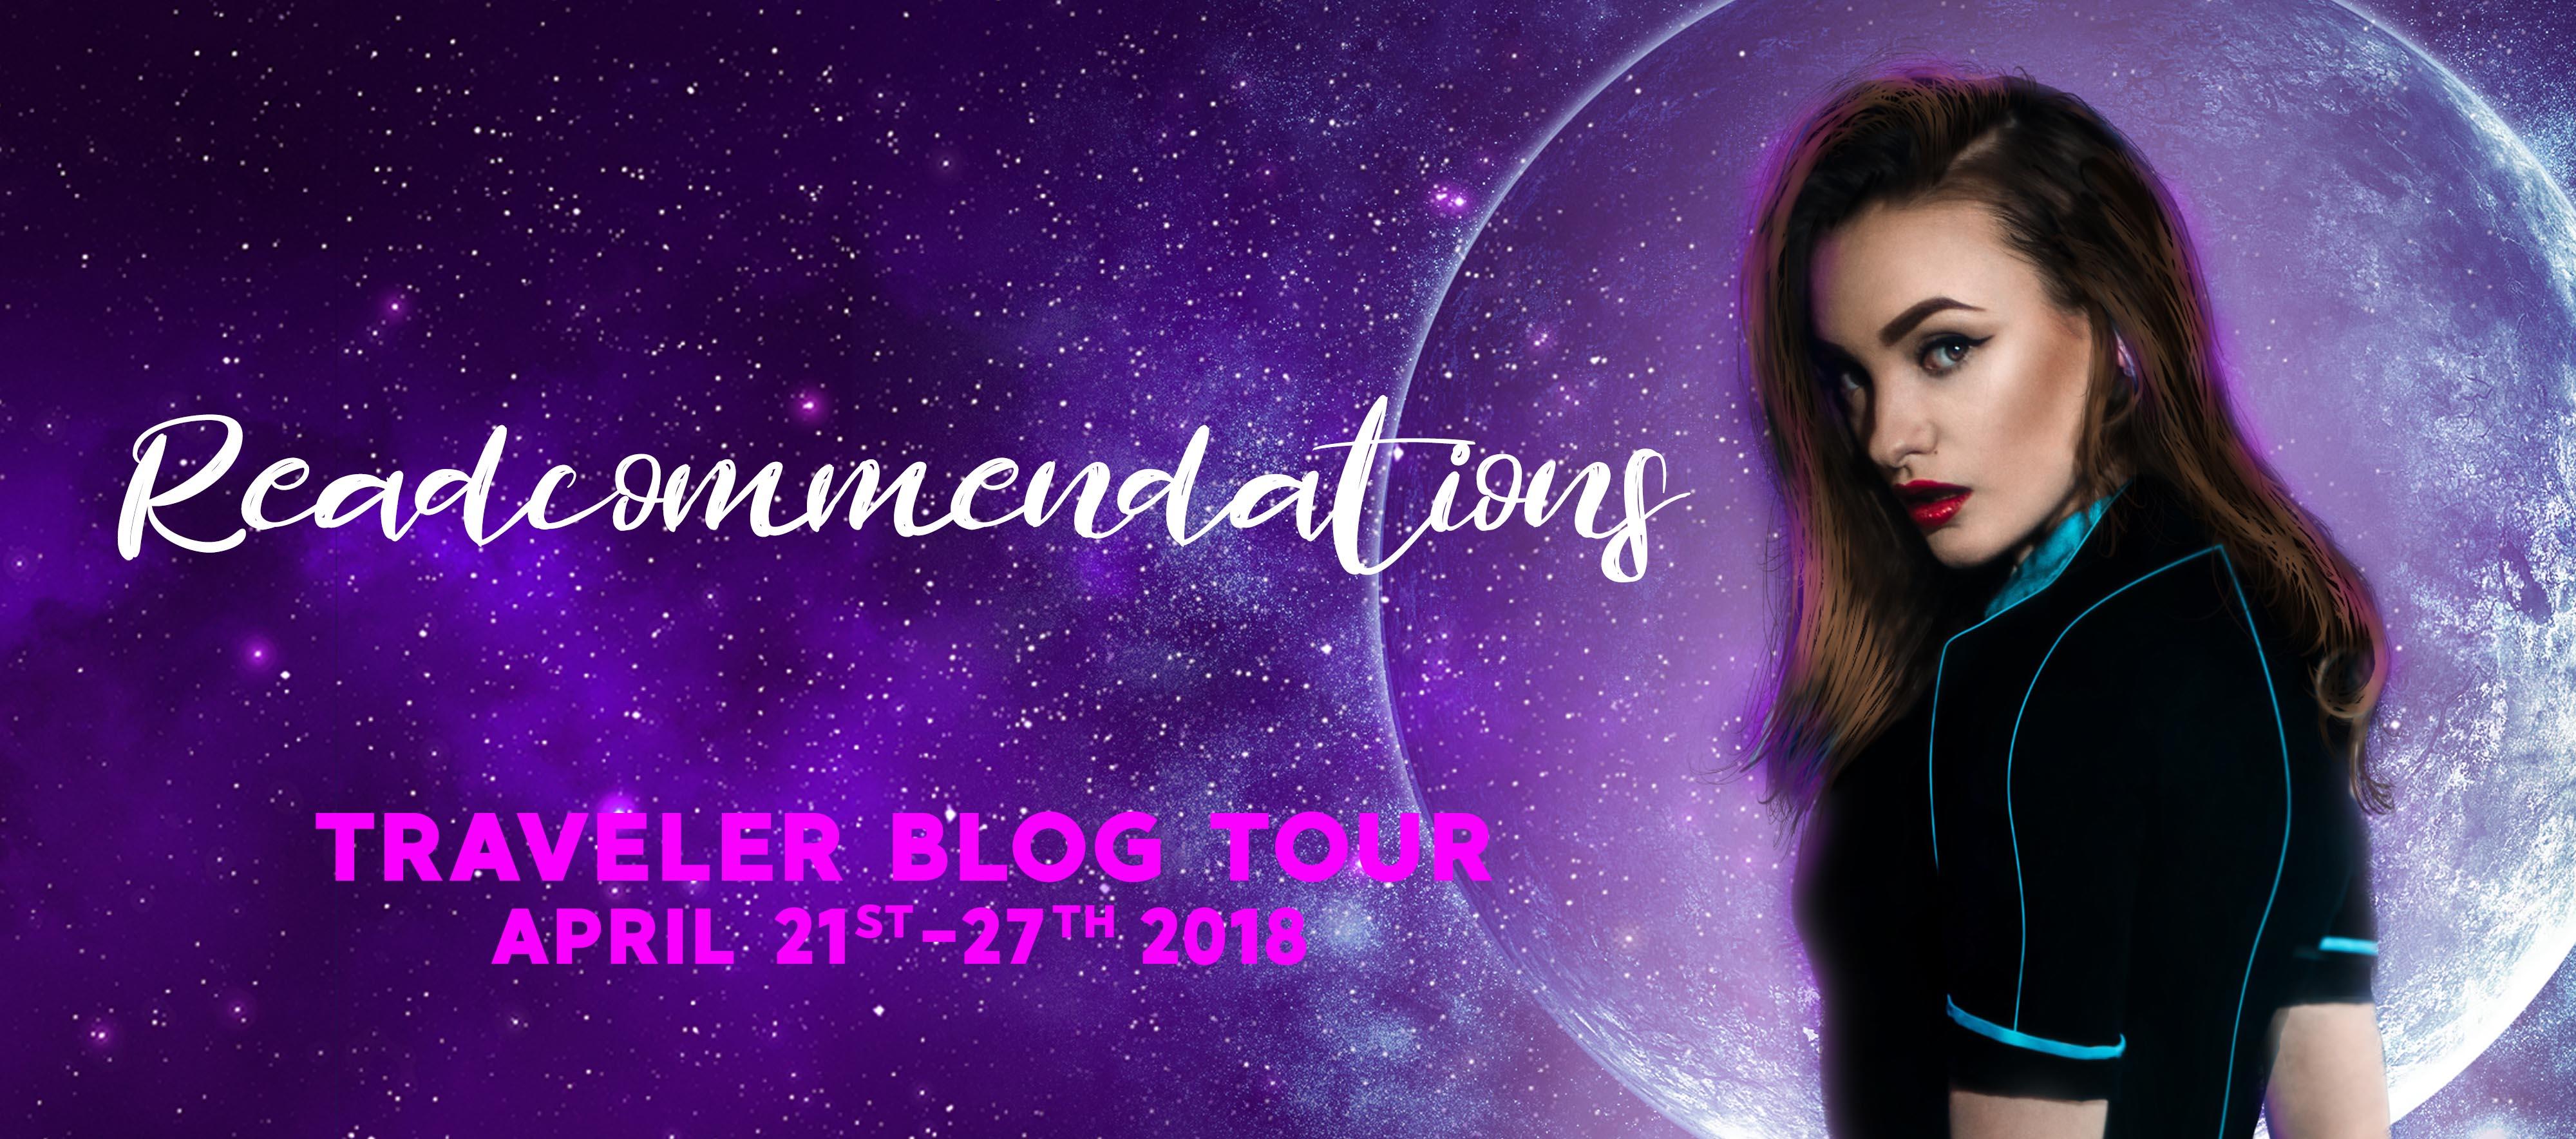 Traveler Blog Tour READCOMMENDATIONS